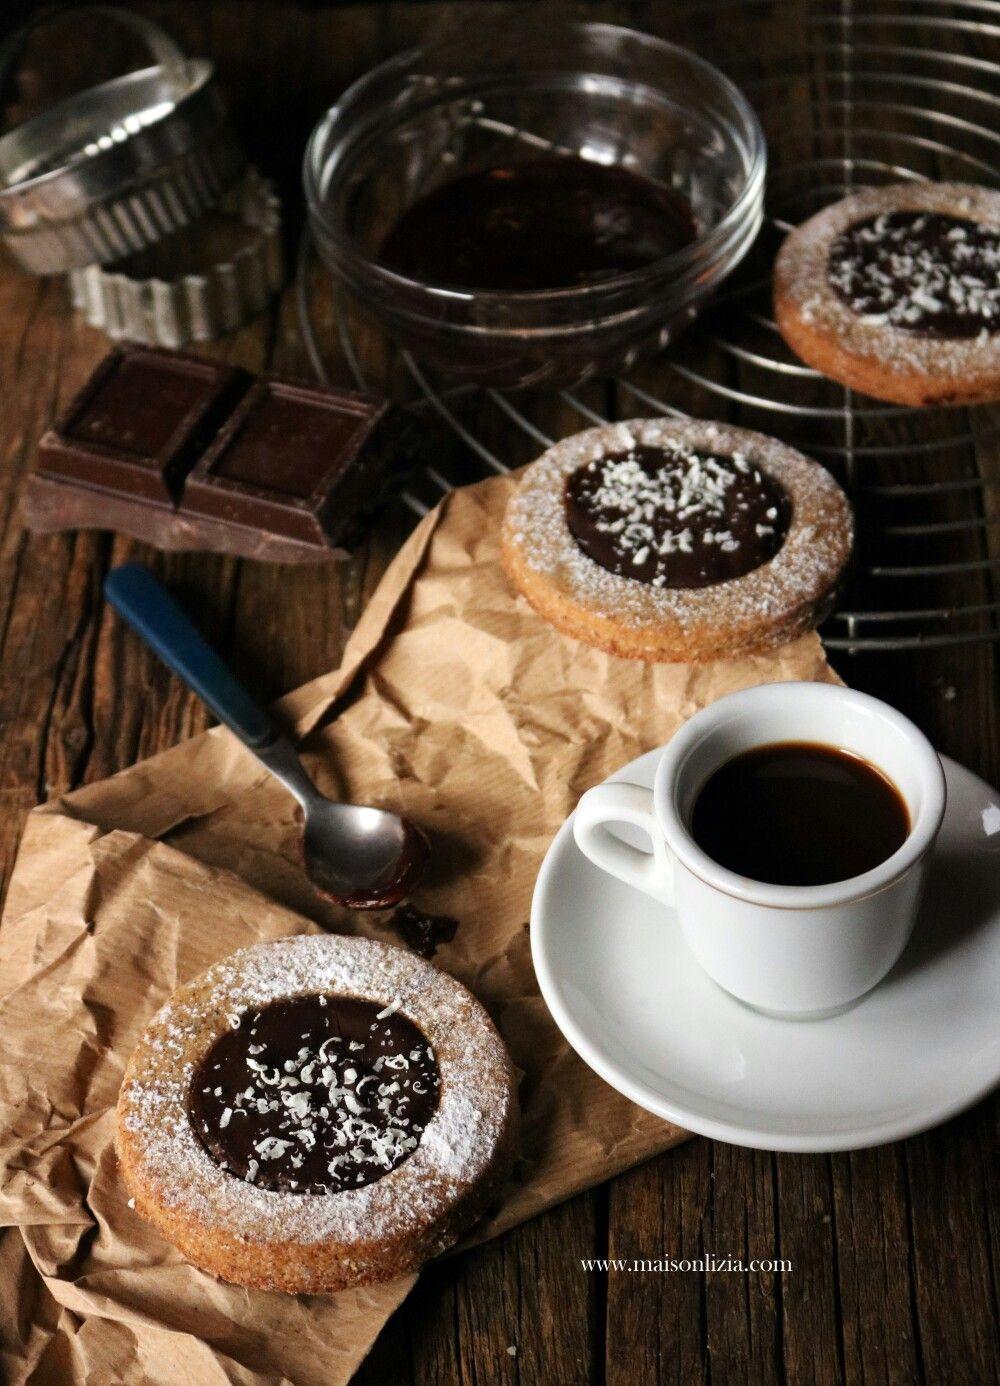 Pasta frolla al caffè con ganache al cioccolato Ganache